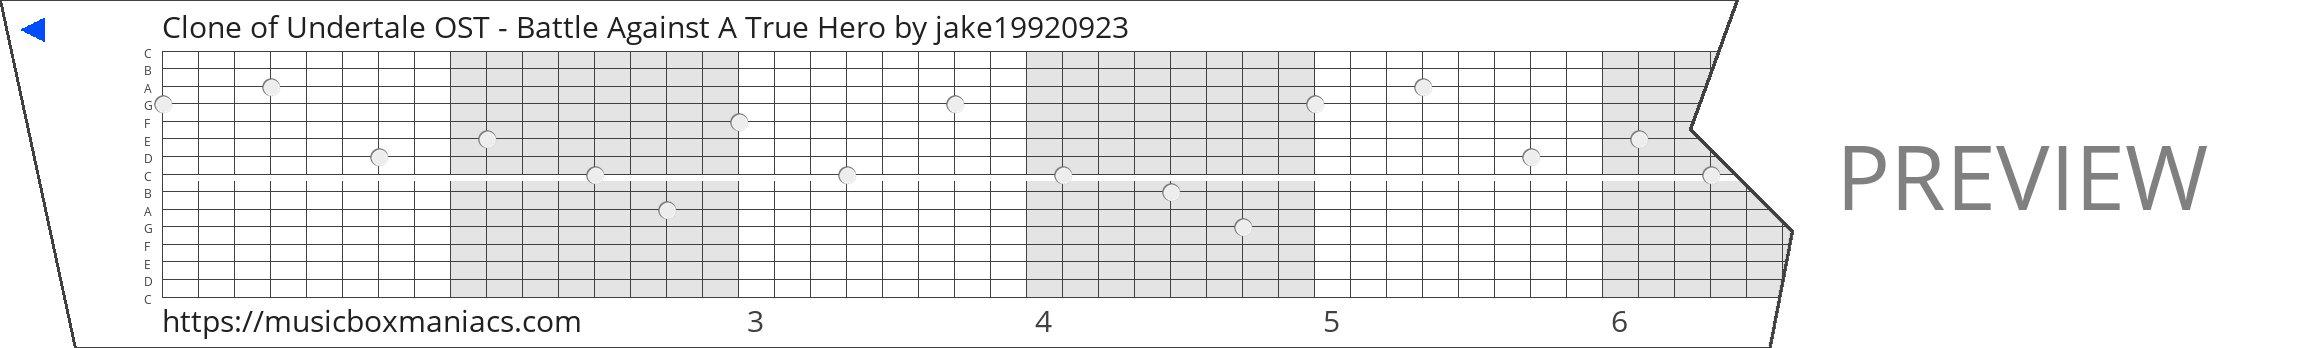 Clone of Undertale OST - Battle Against A True Hero 15 note music box paper strip